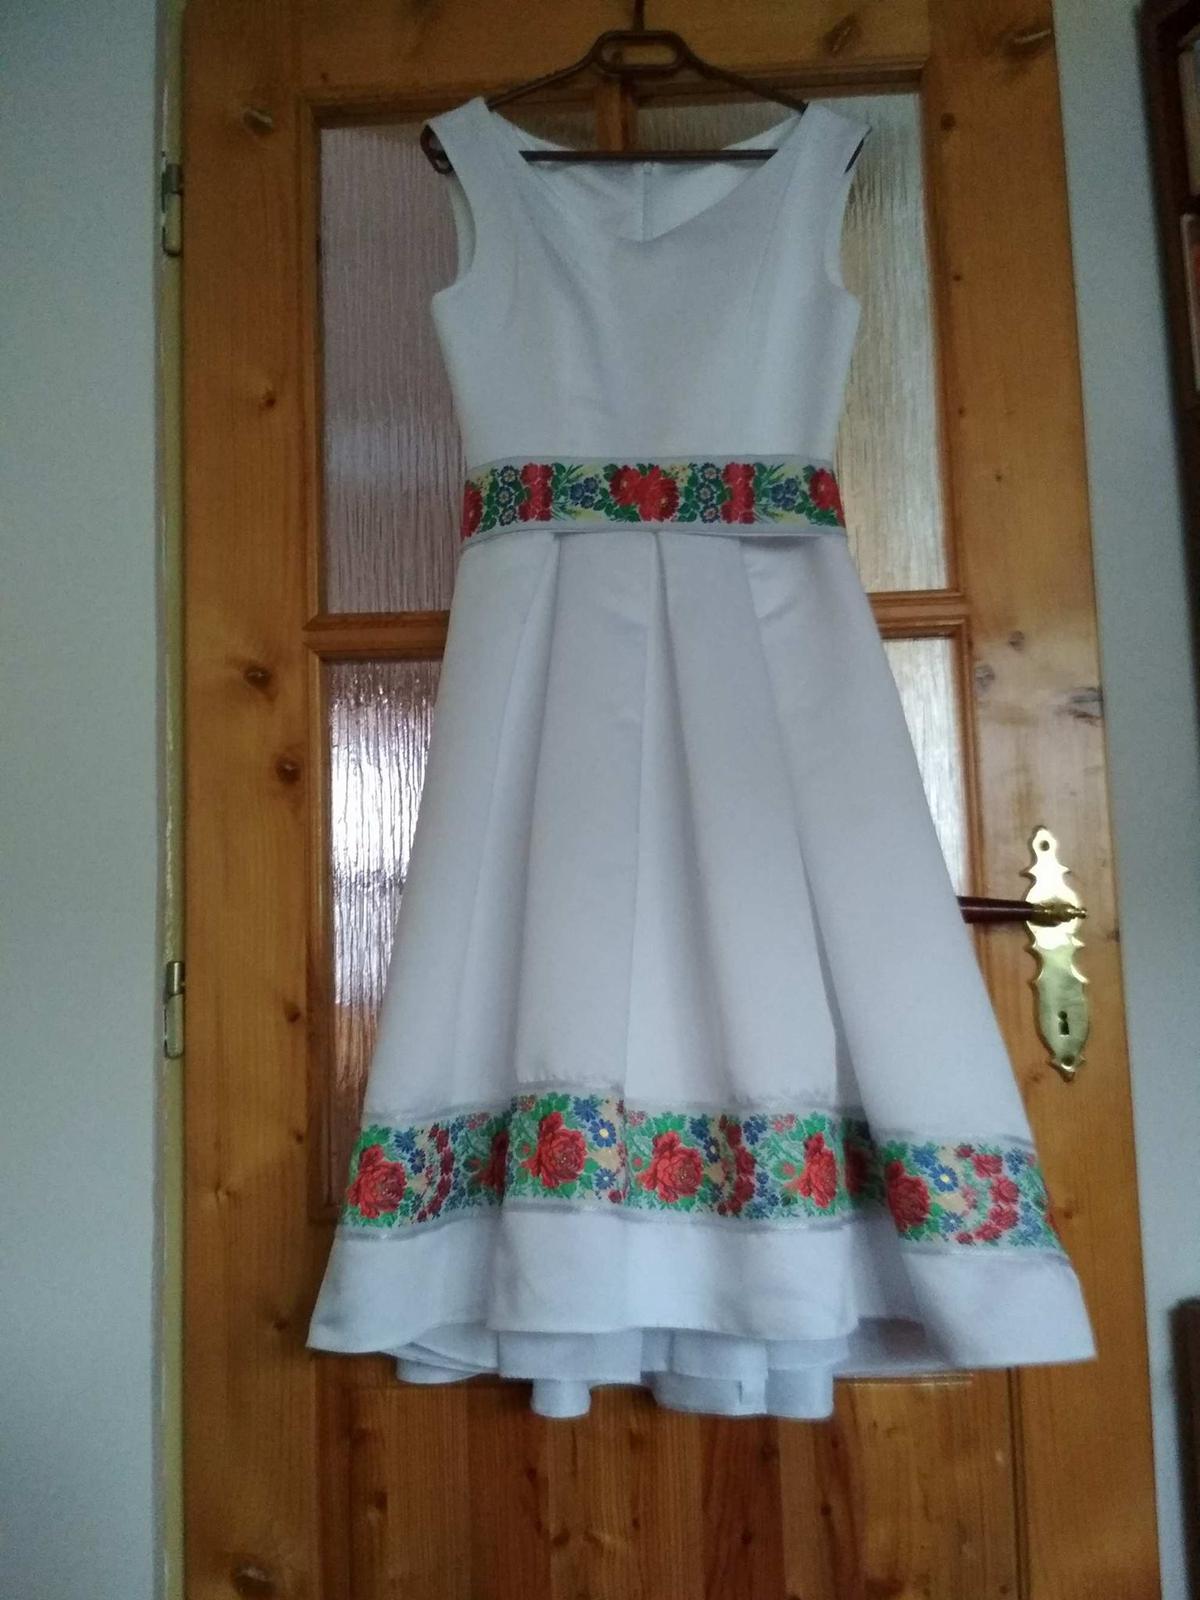 Svadobné alebo popolnočné jedinečné folklór šaty  - Obrázok č. 3